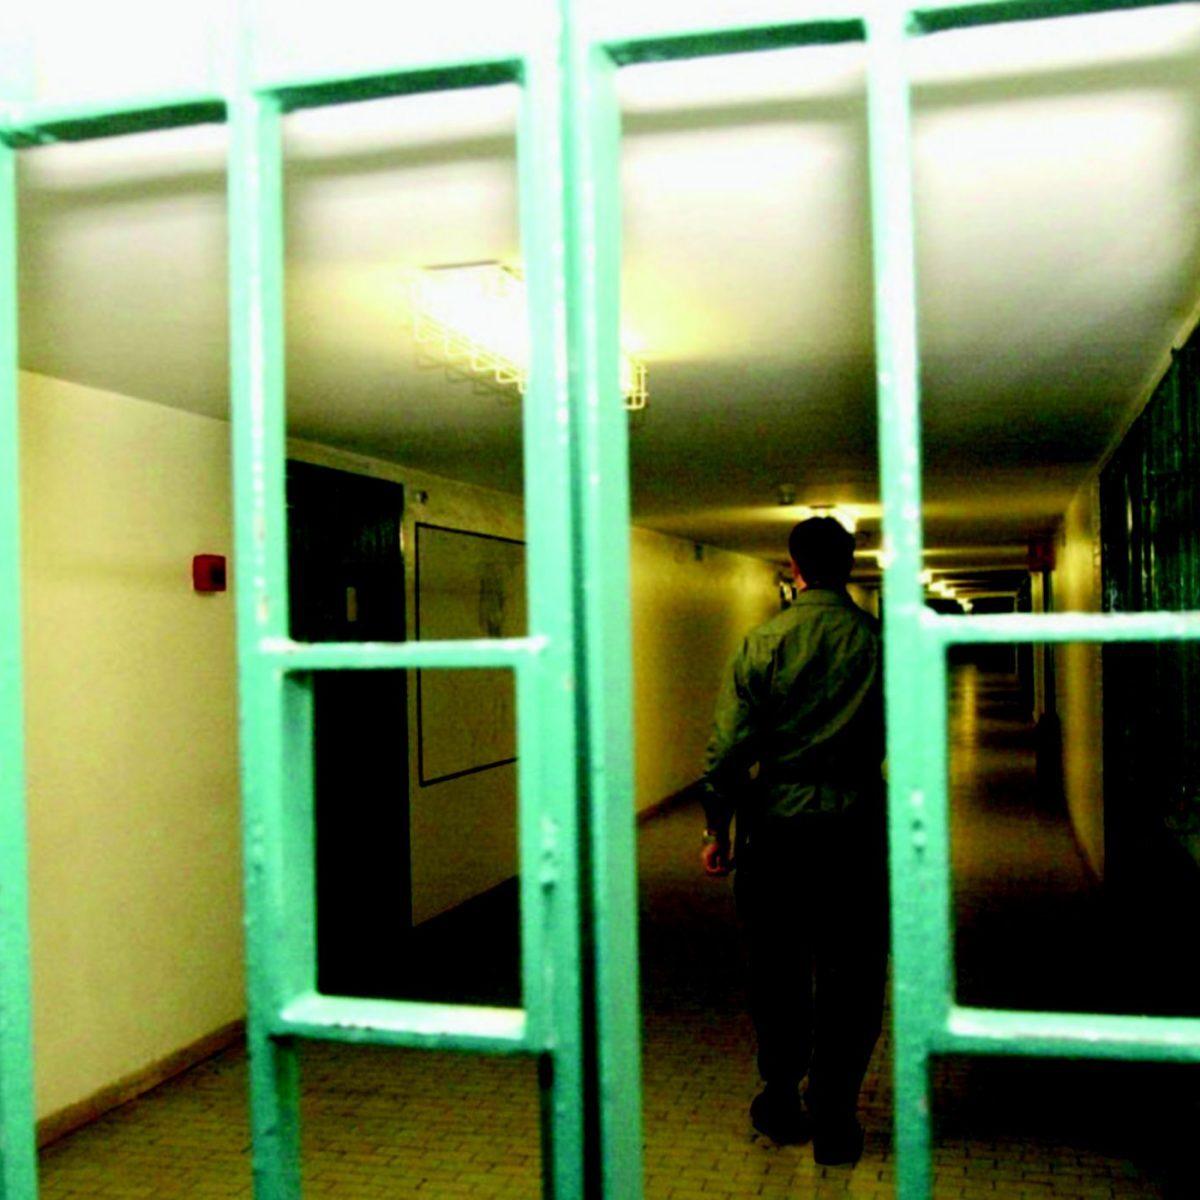 La giustizia presenta il conto, arrestato 66enne di Predappio